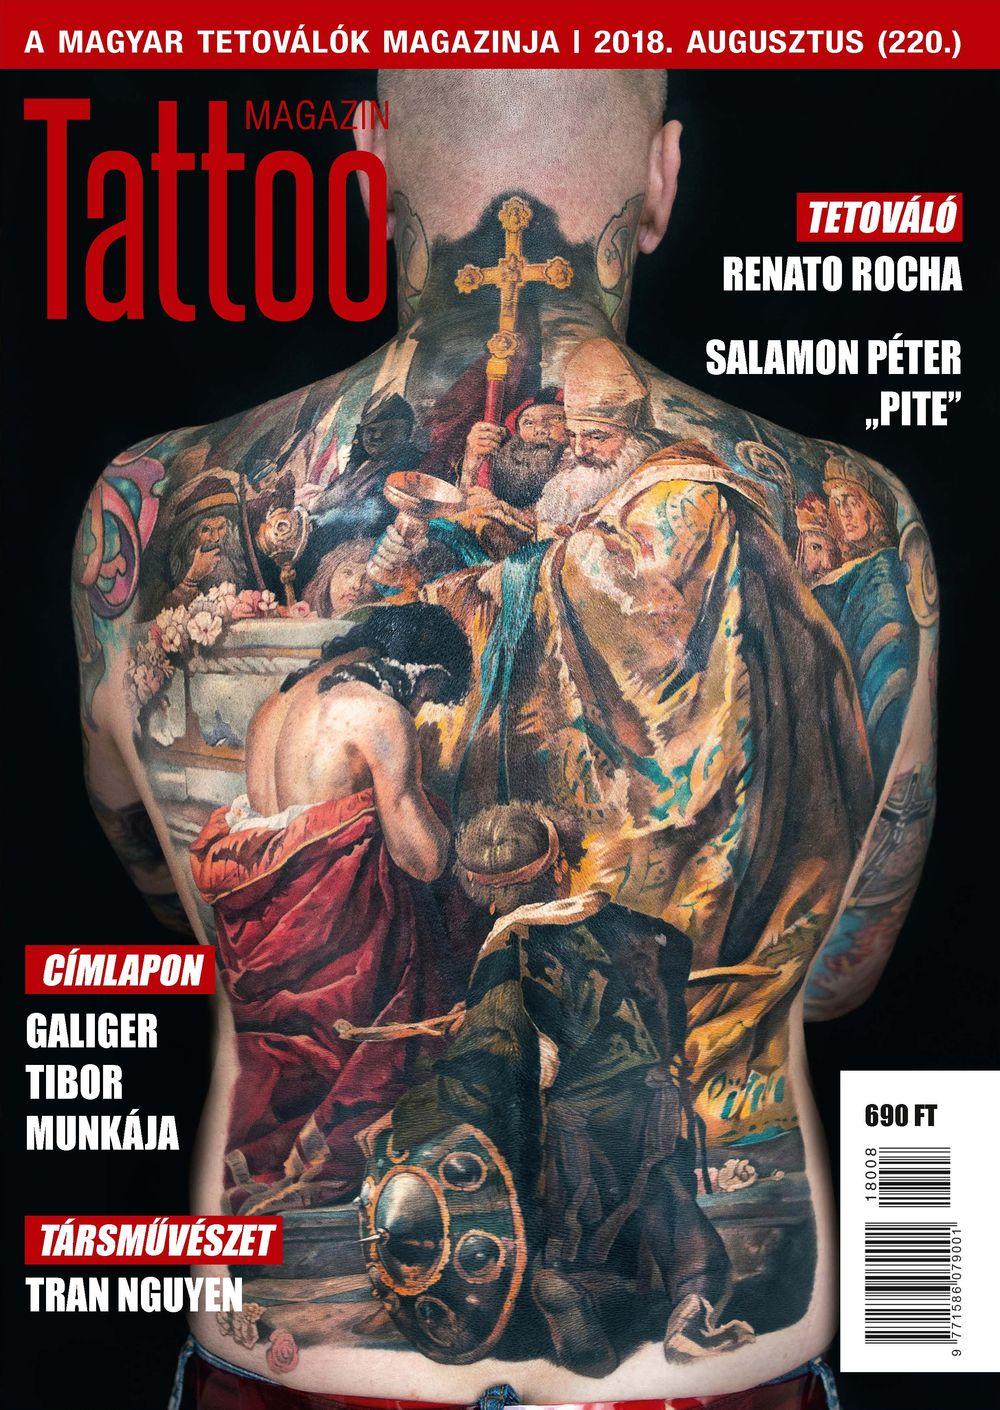 Tattoo Magazin Nr 220